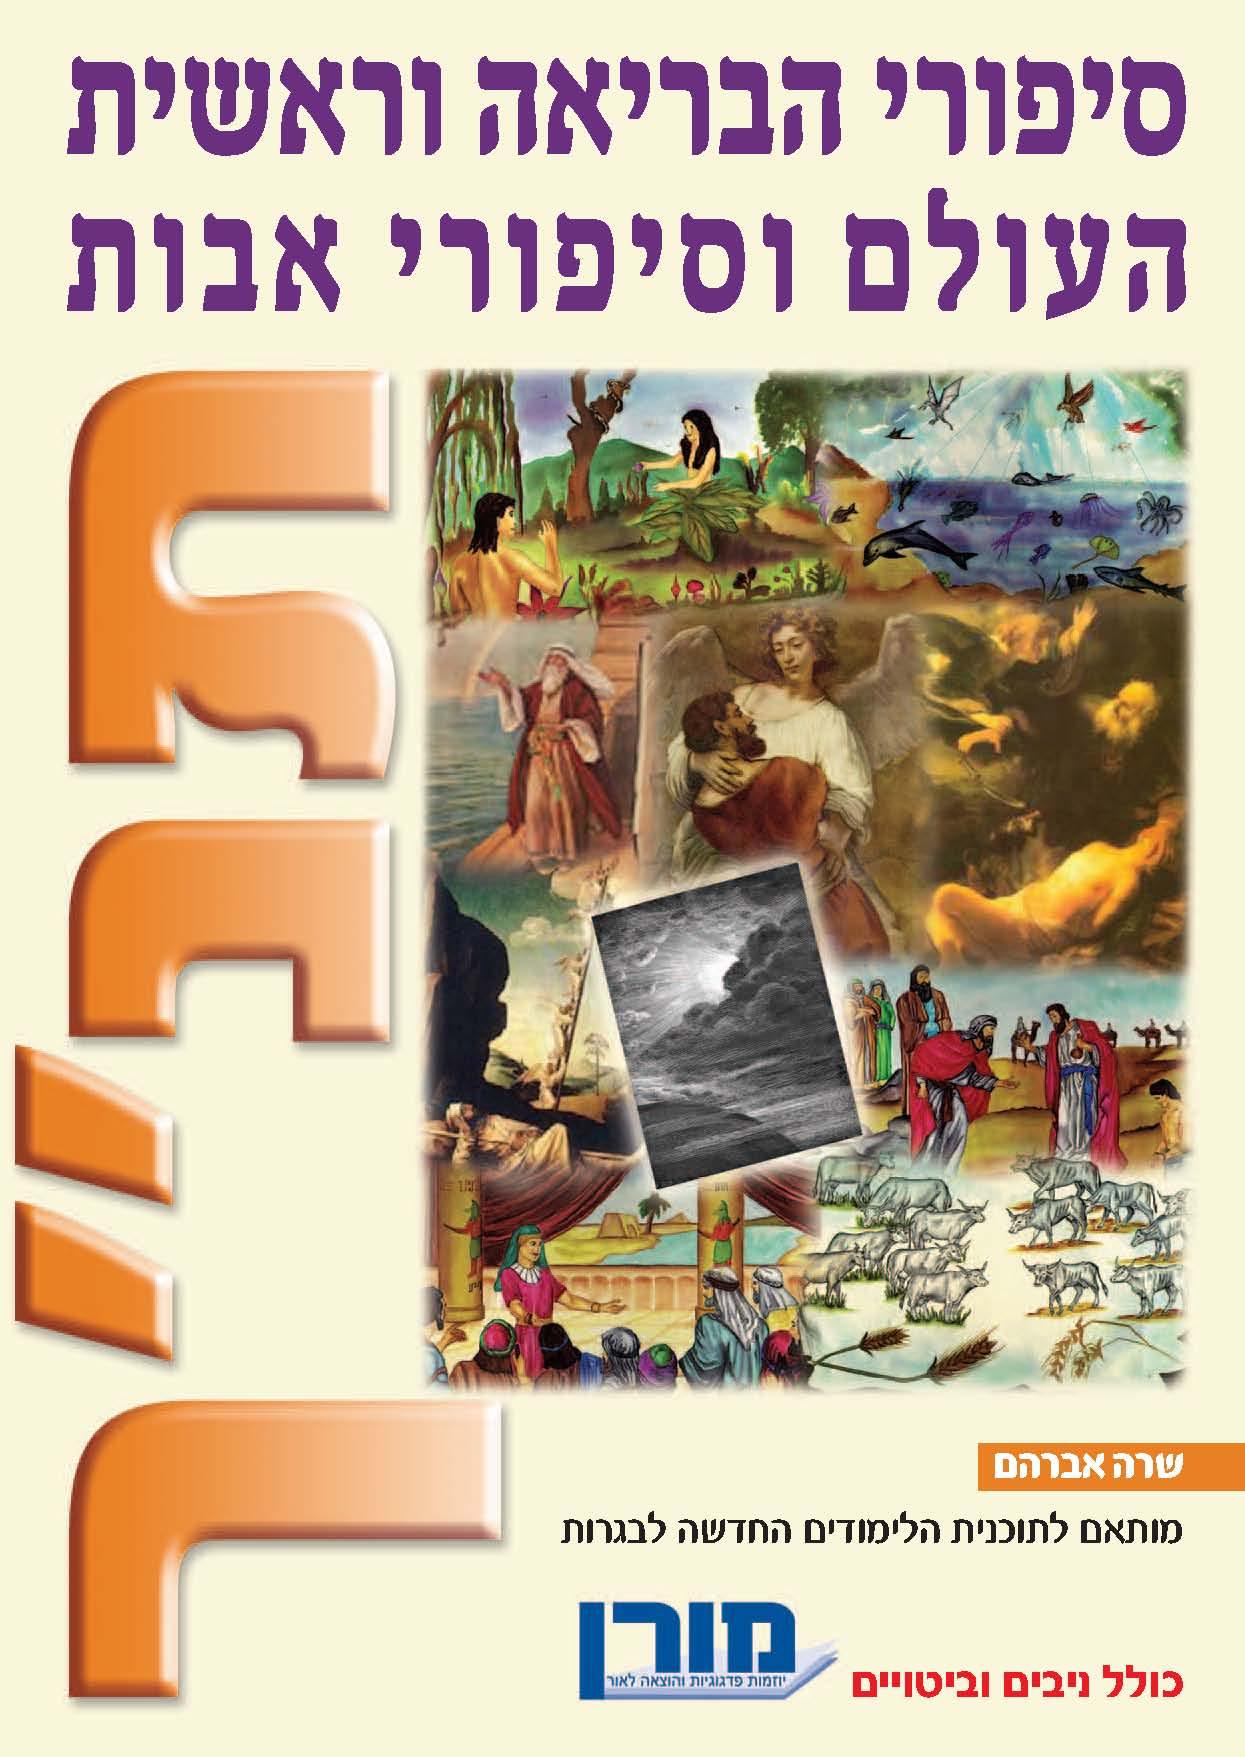 סיפורי הבריאה סיפורי האבות וסיפורי יוסף